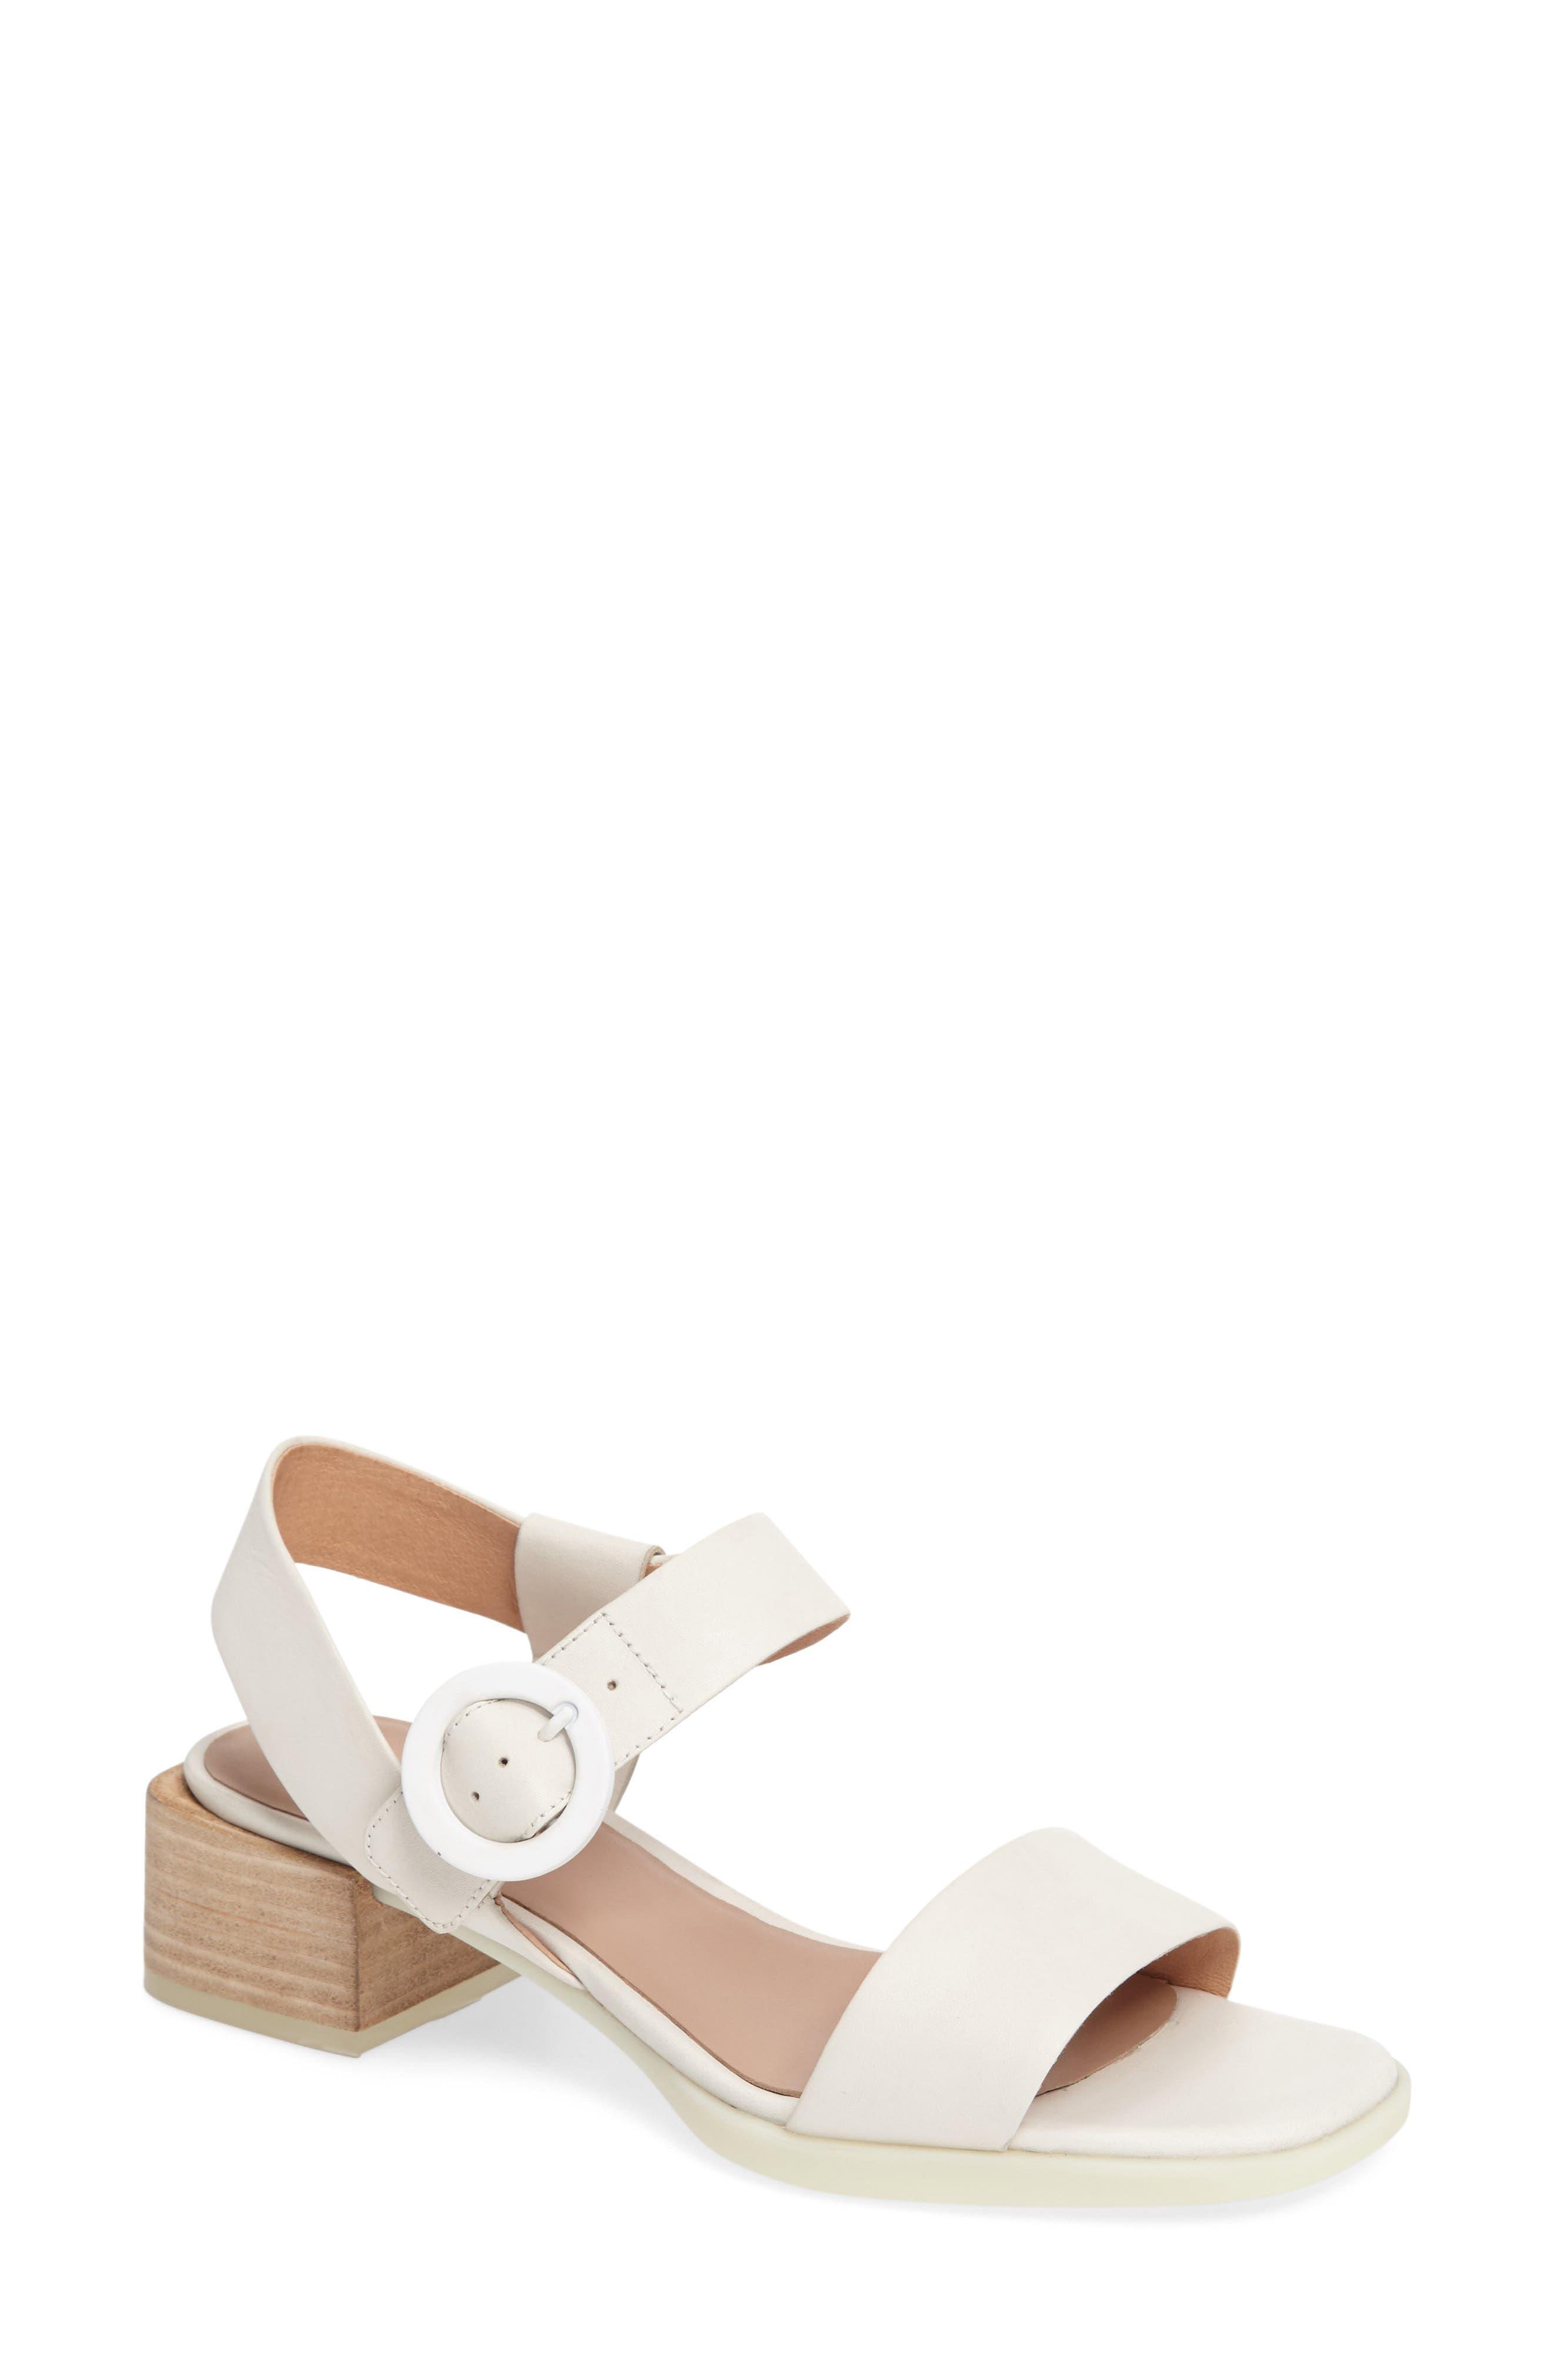 Kobo Buckle Strap Sandal,                         Main,                         color, 100